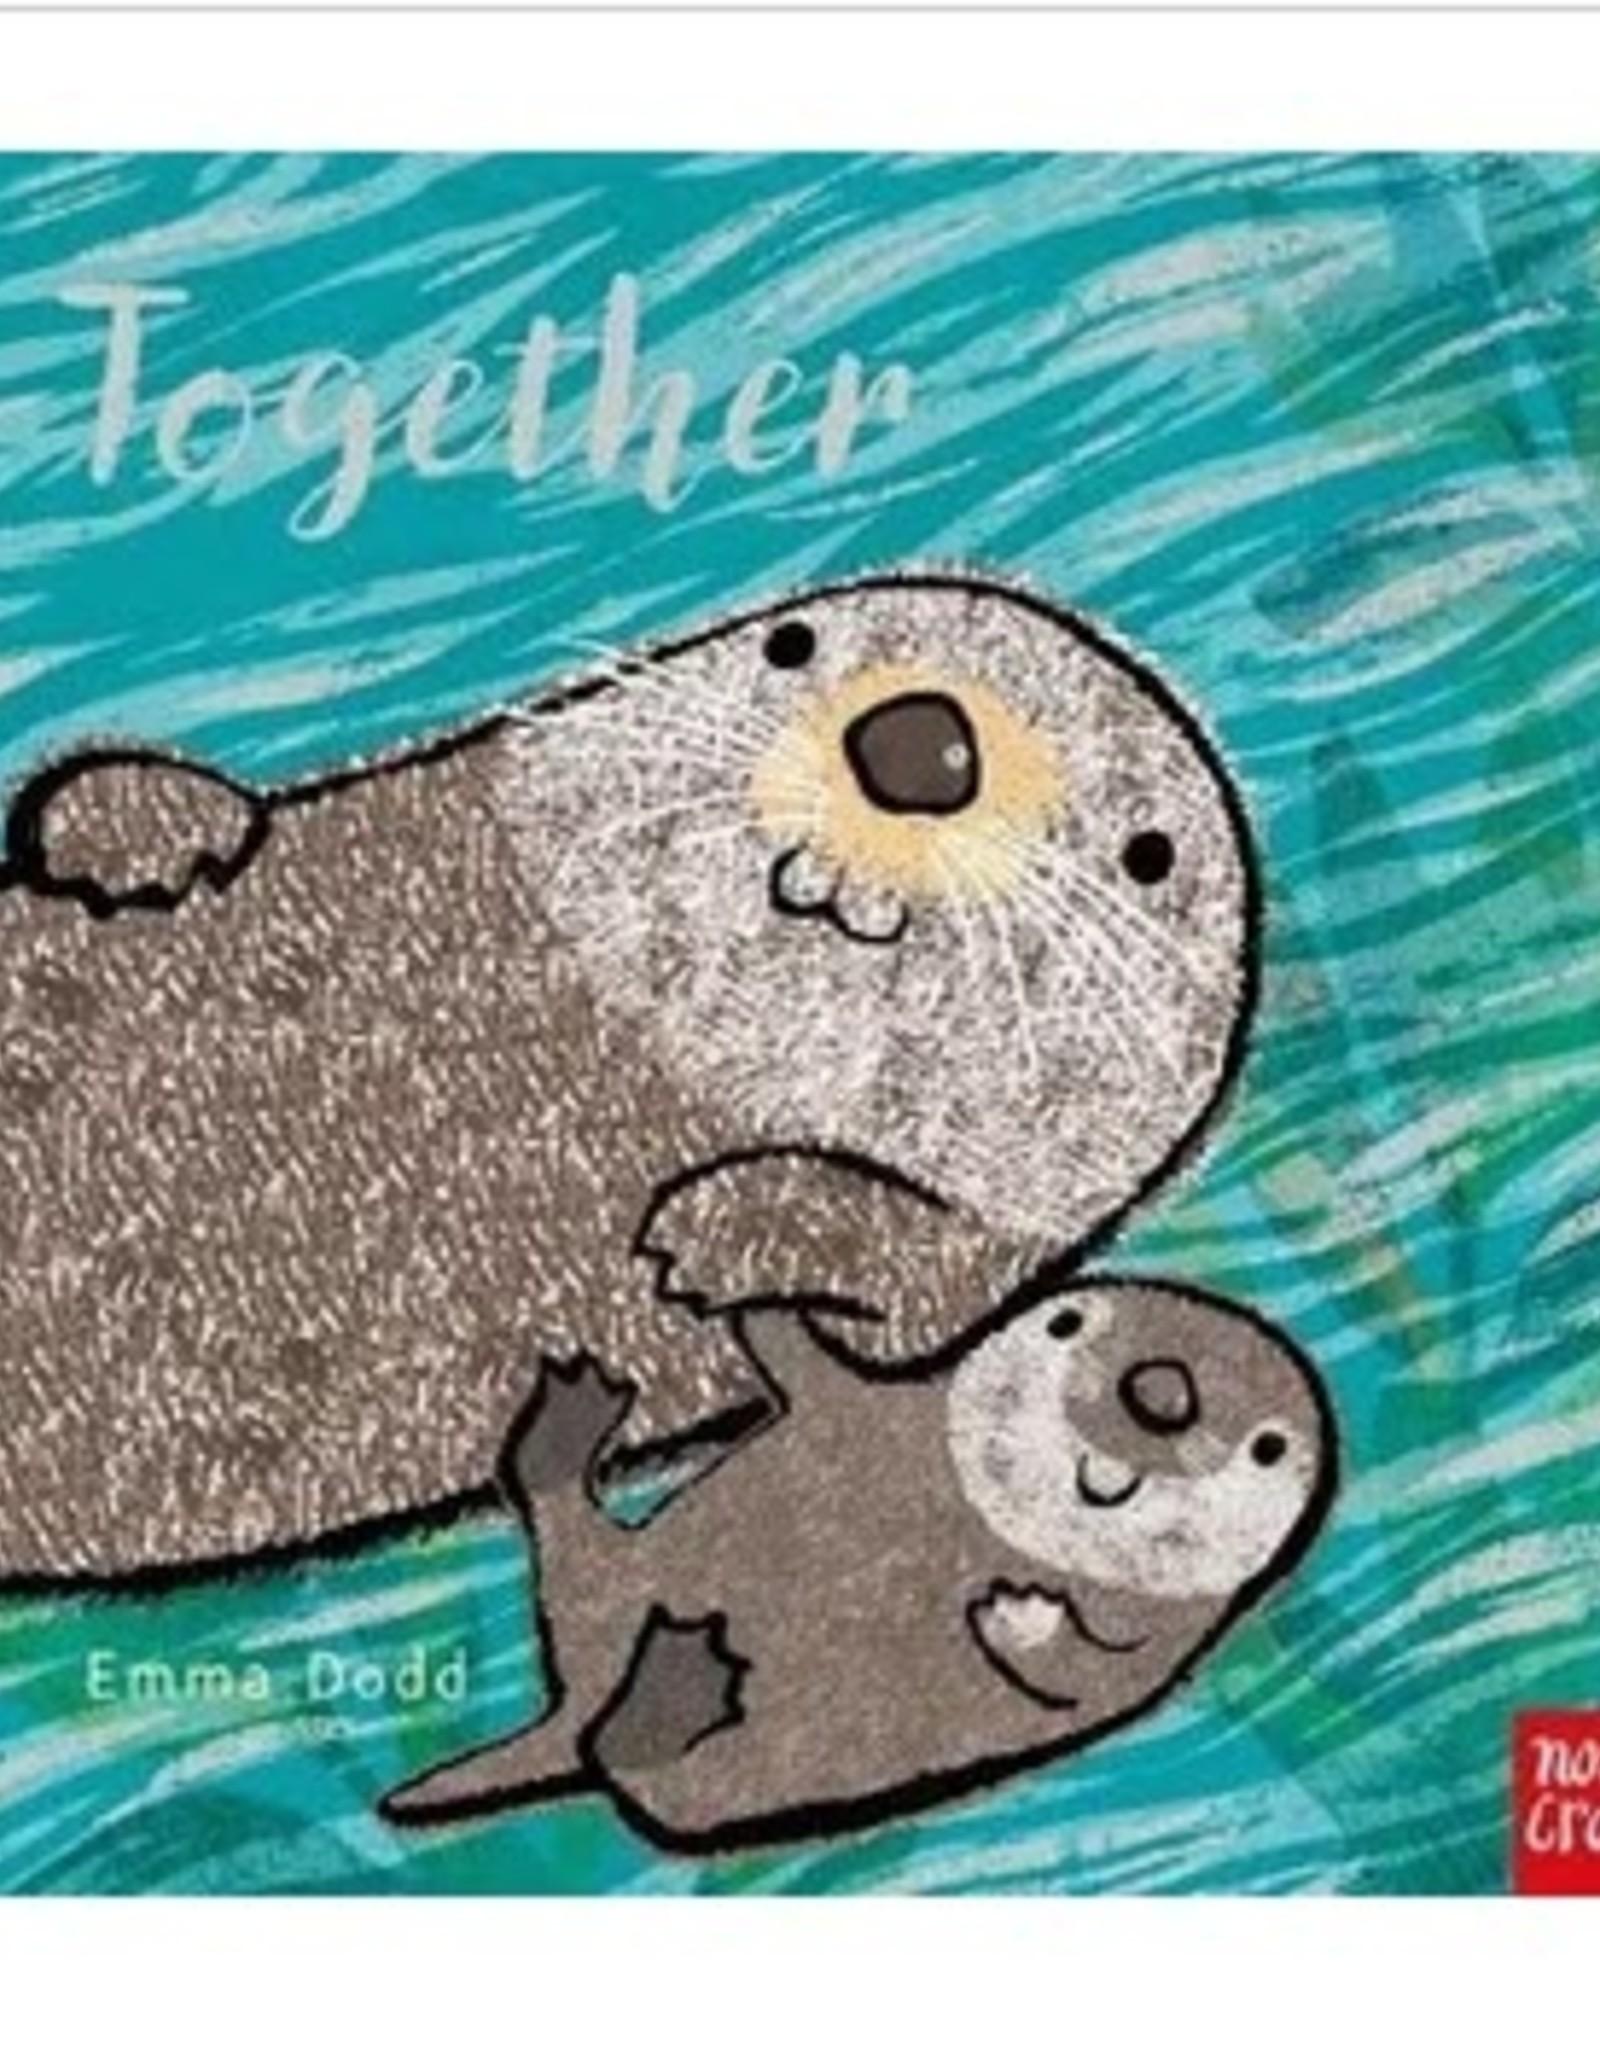 Together - Emma Dodd